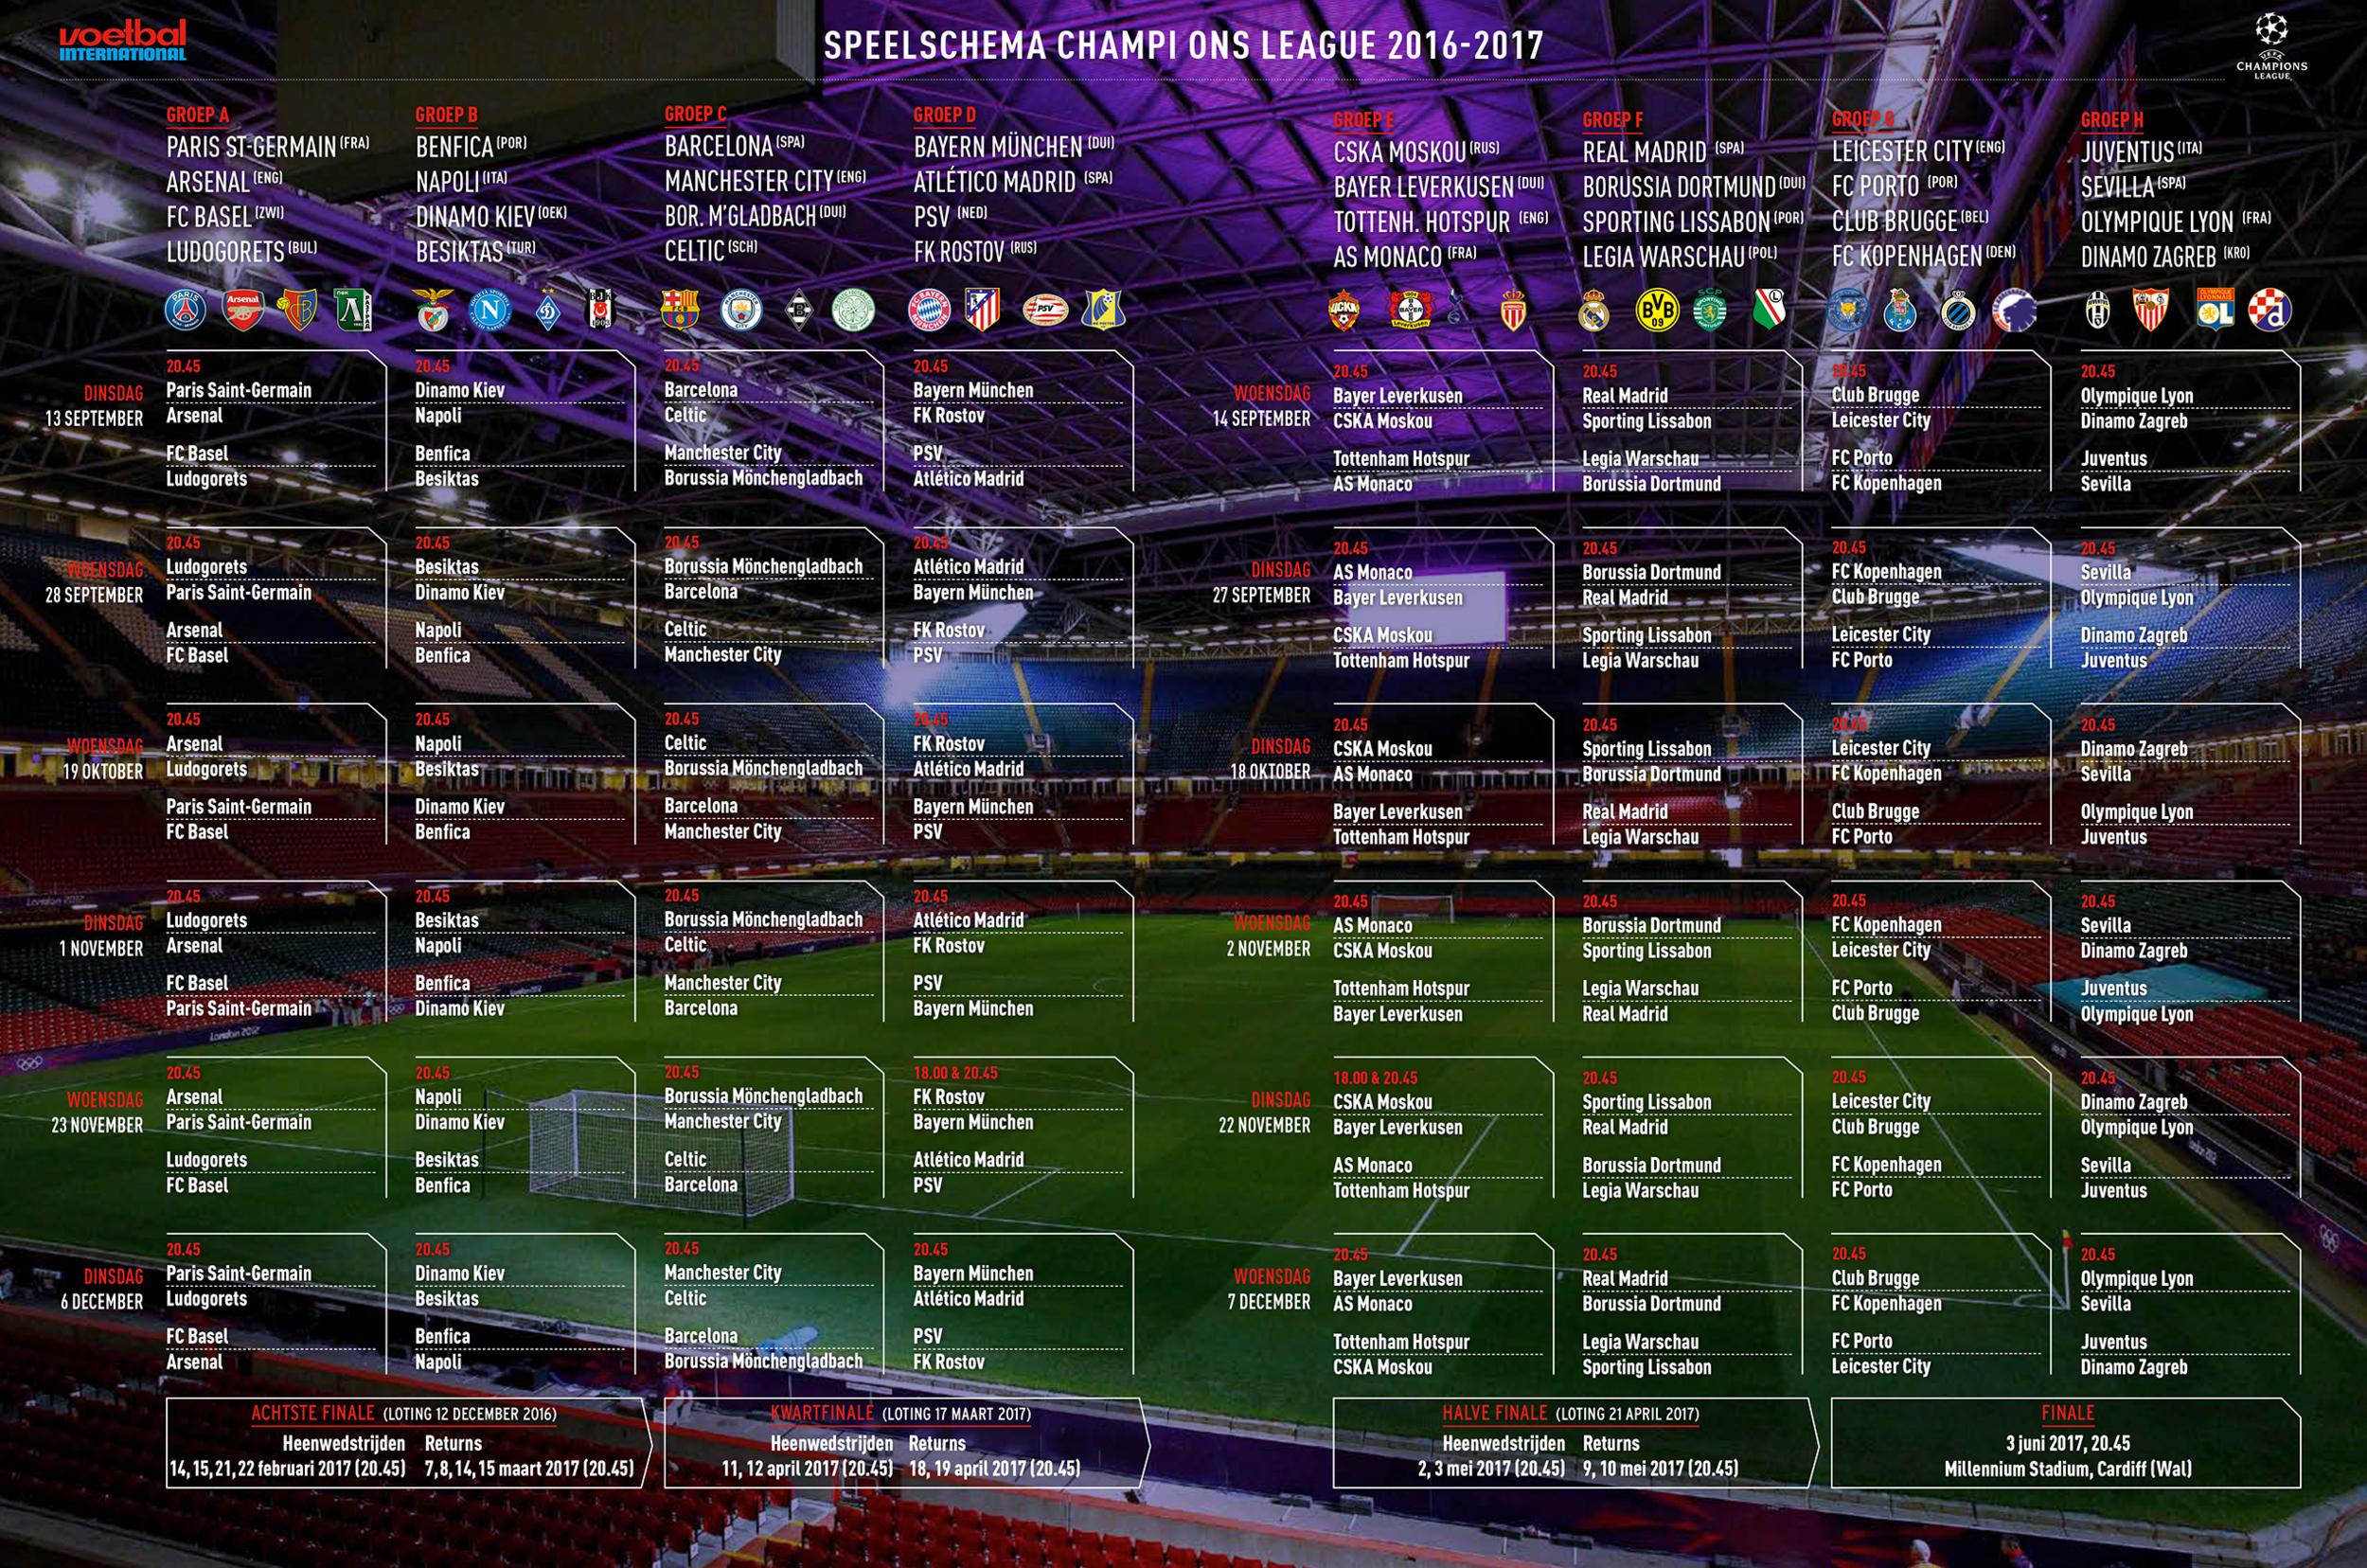 Champions League speelschema